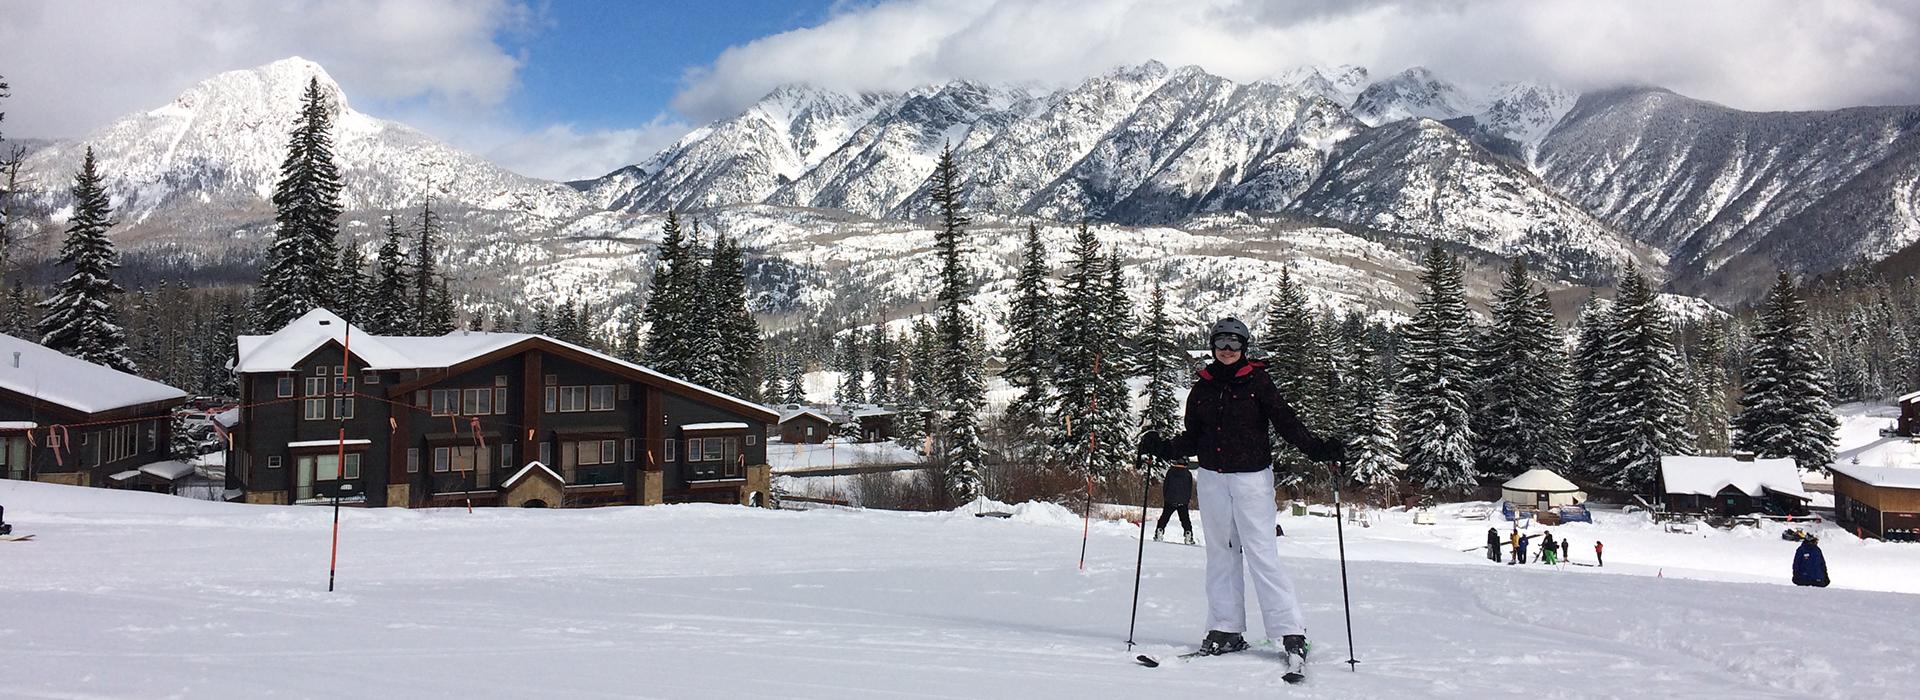 Samantha Bodger_adaptive skiing_1